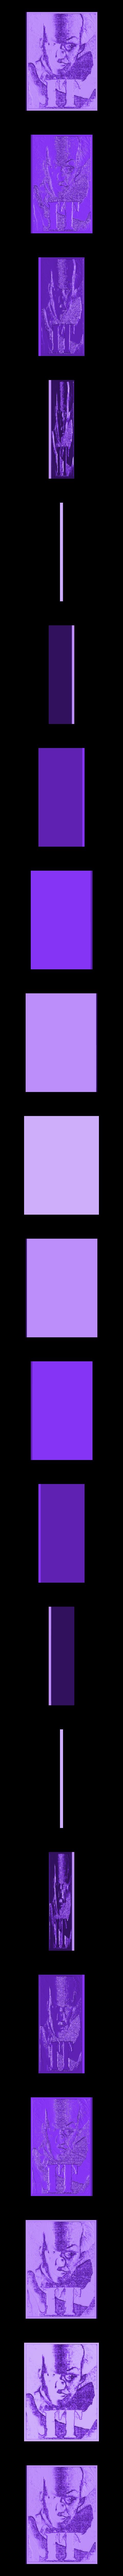 it_litofania.stl Télécharger fichier STL gratuit COLOR IT lithophanie • Modèle pour imprimante 3D, 3dlito